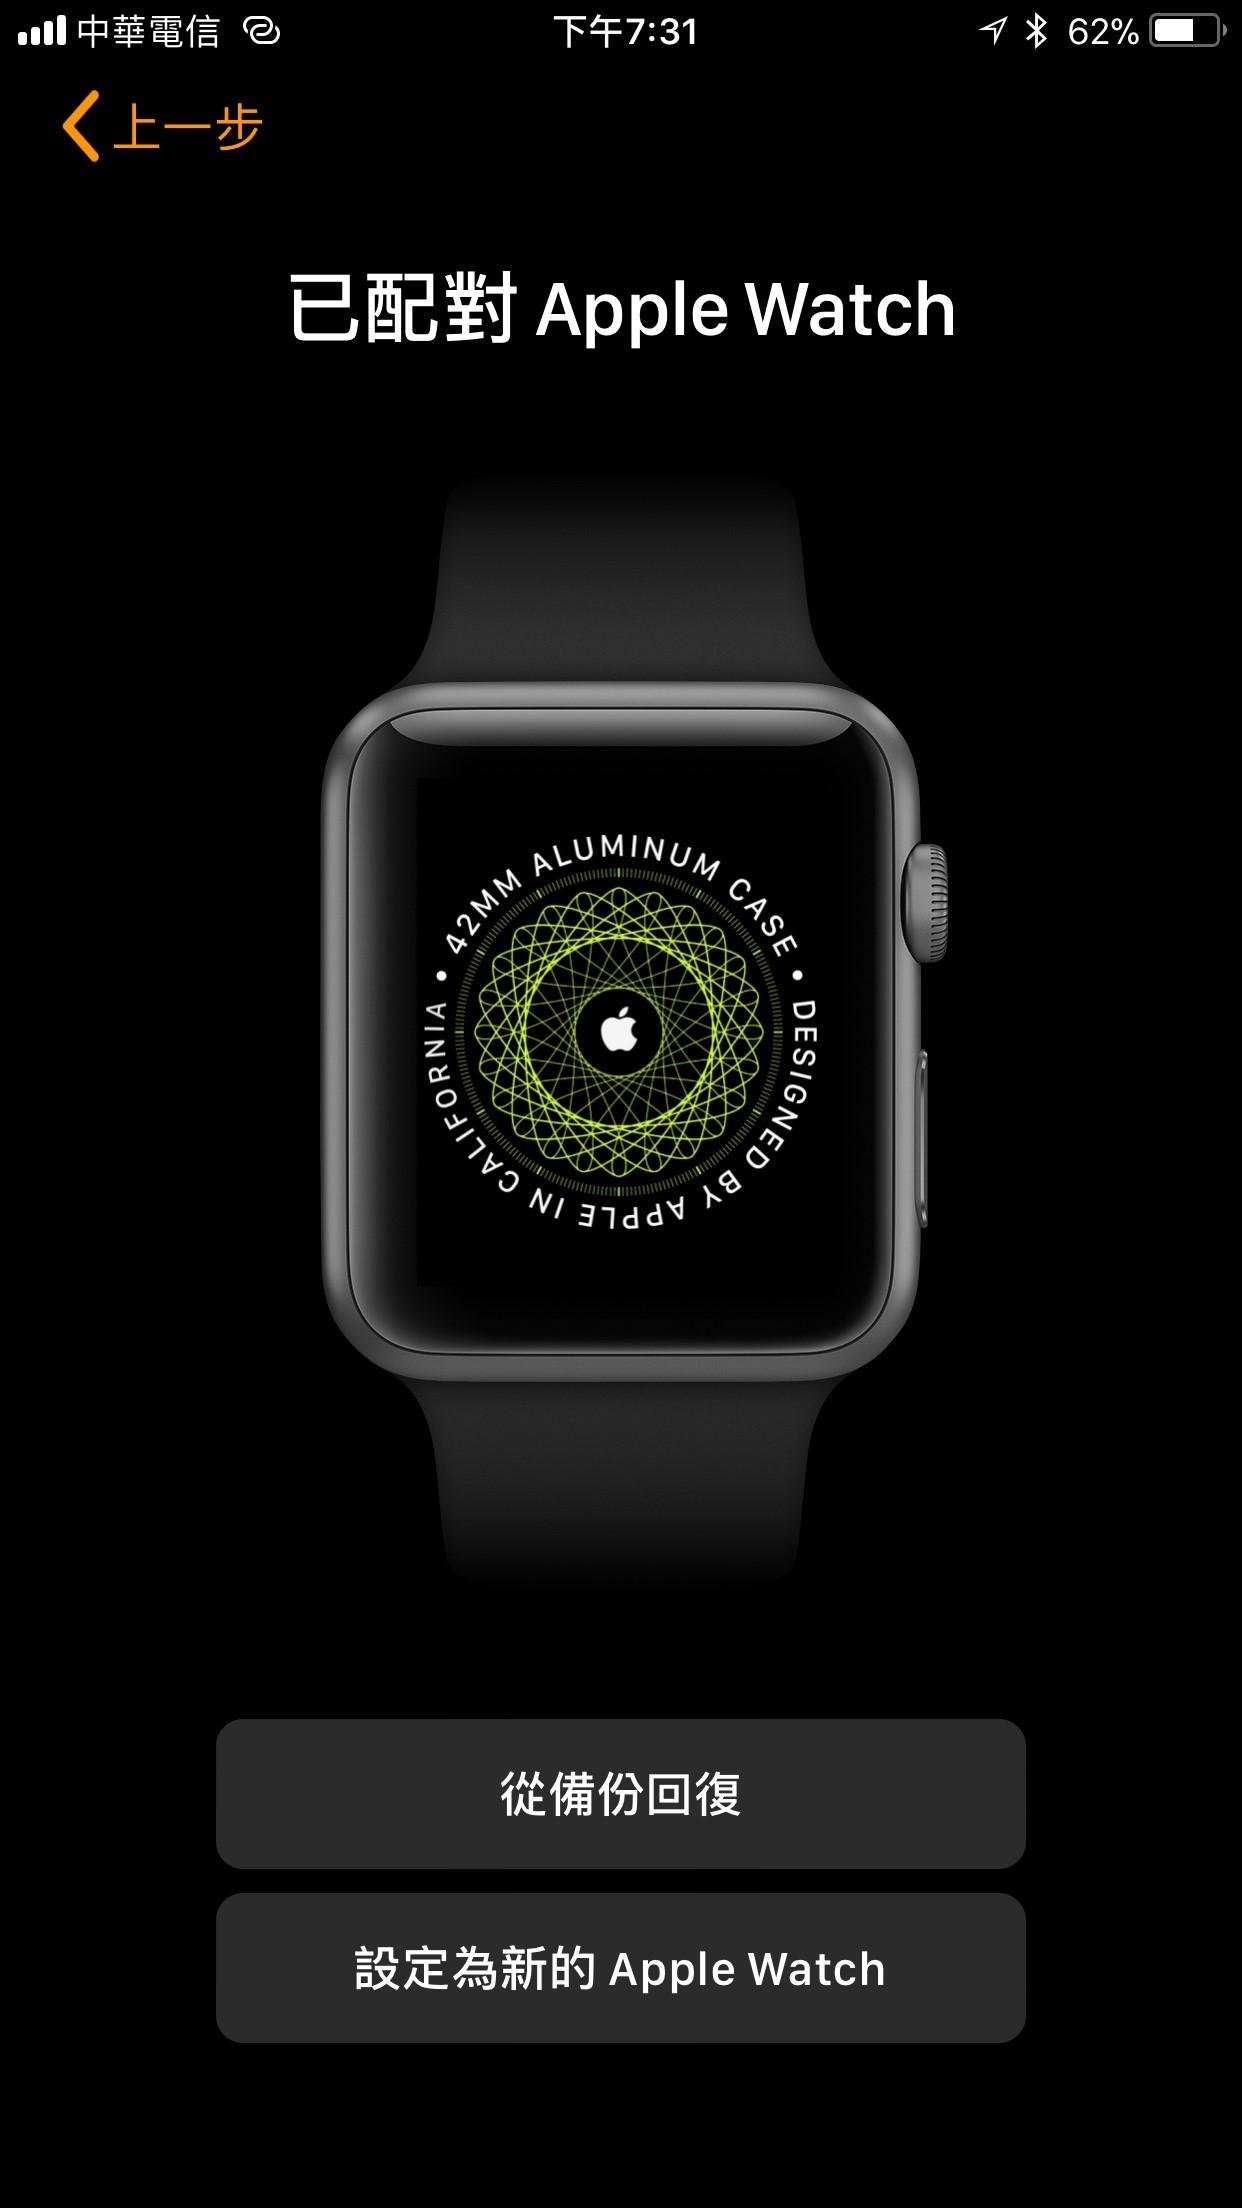 將 Apple Watch 與 iPhone 配對 2